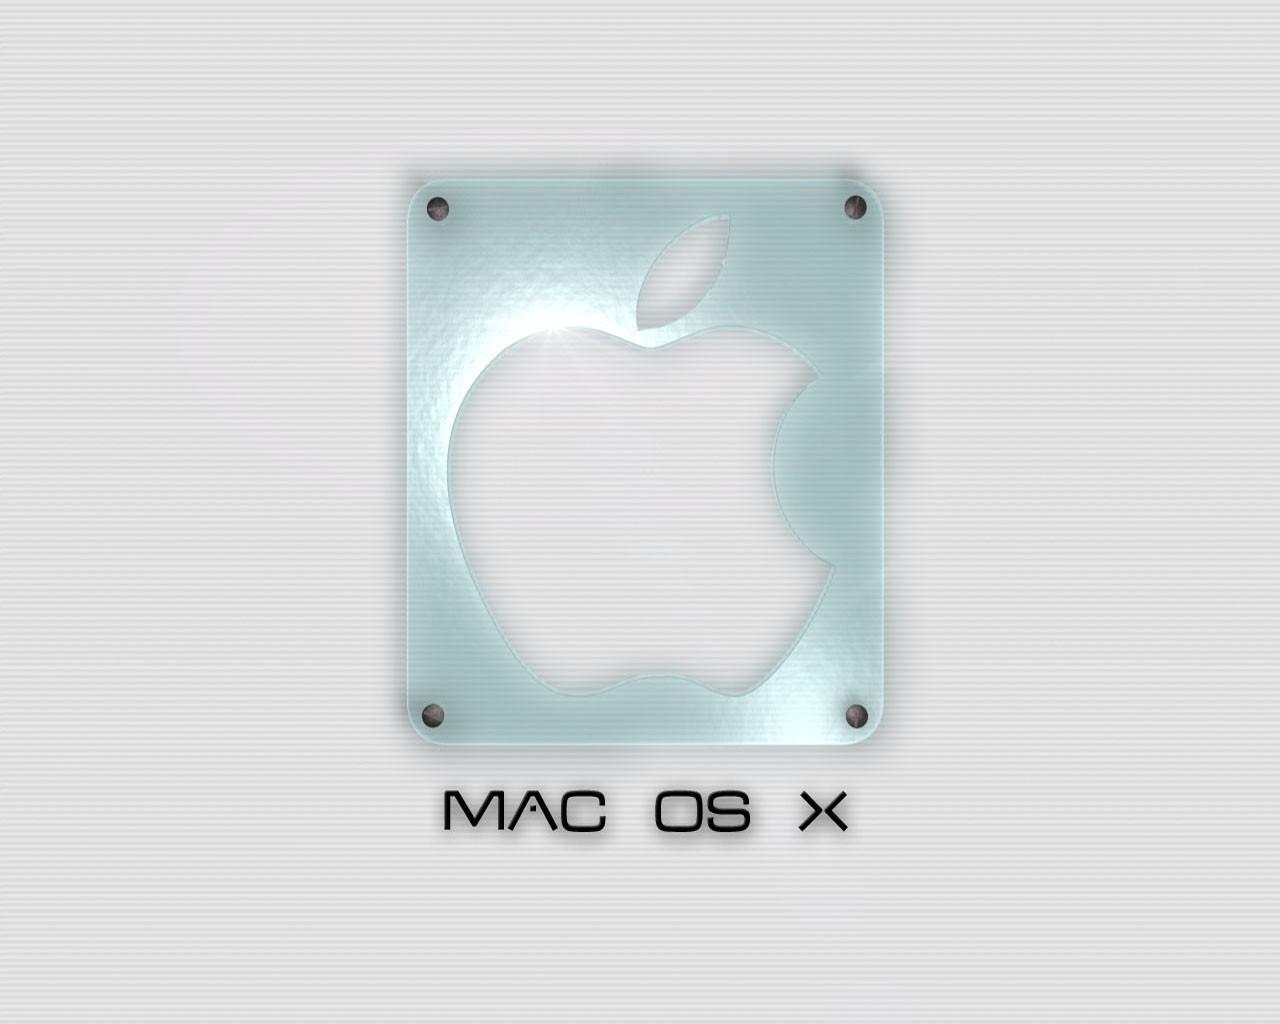 http://1.bp.blogspot.com/-s2QPFXYcFGM/T-aALaiSwqI/AAAAAAAAALo/0fva1q5hI3Y/s1600/iphone+_Apple_Mac_OS_X_The_Best_HD_wallpapers_background+051.jpg